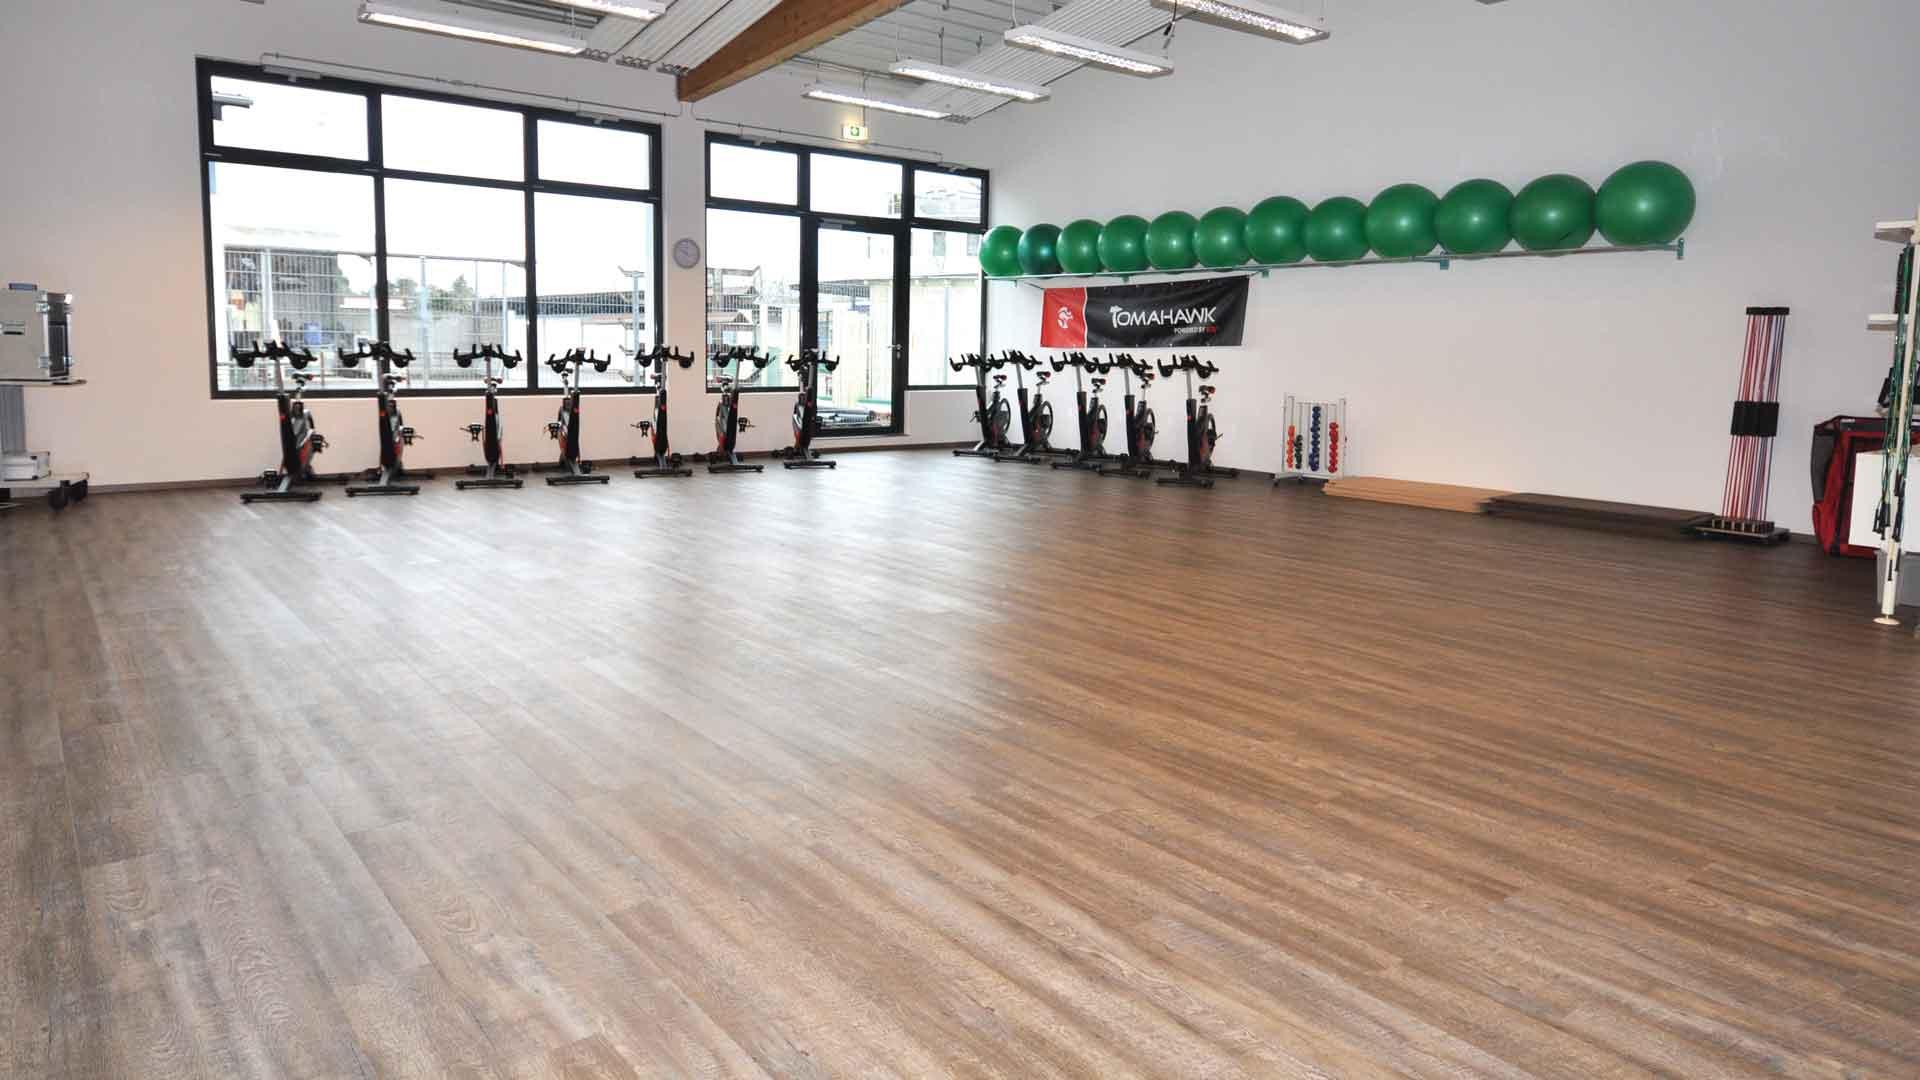 area-elastic floors